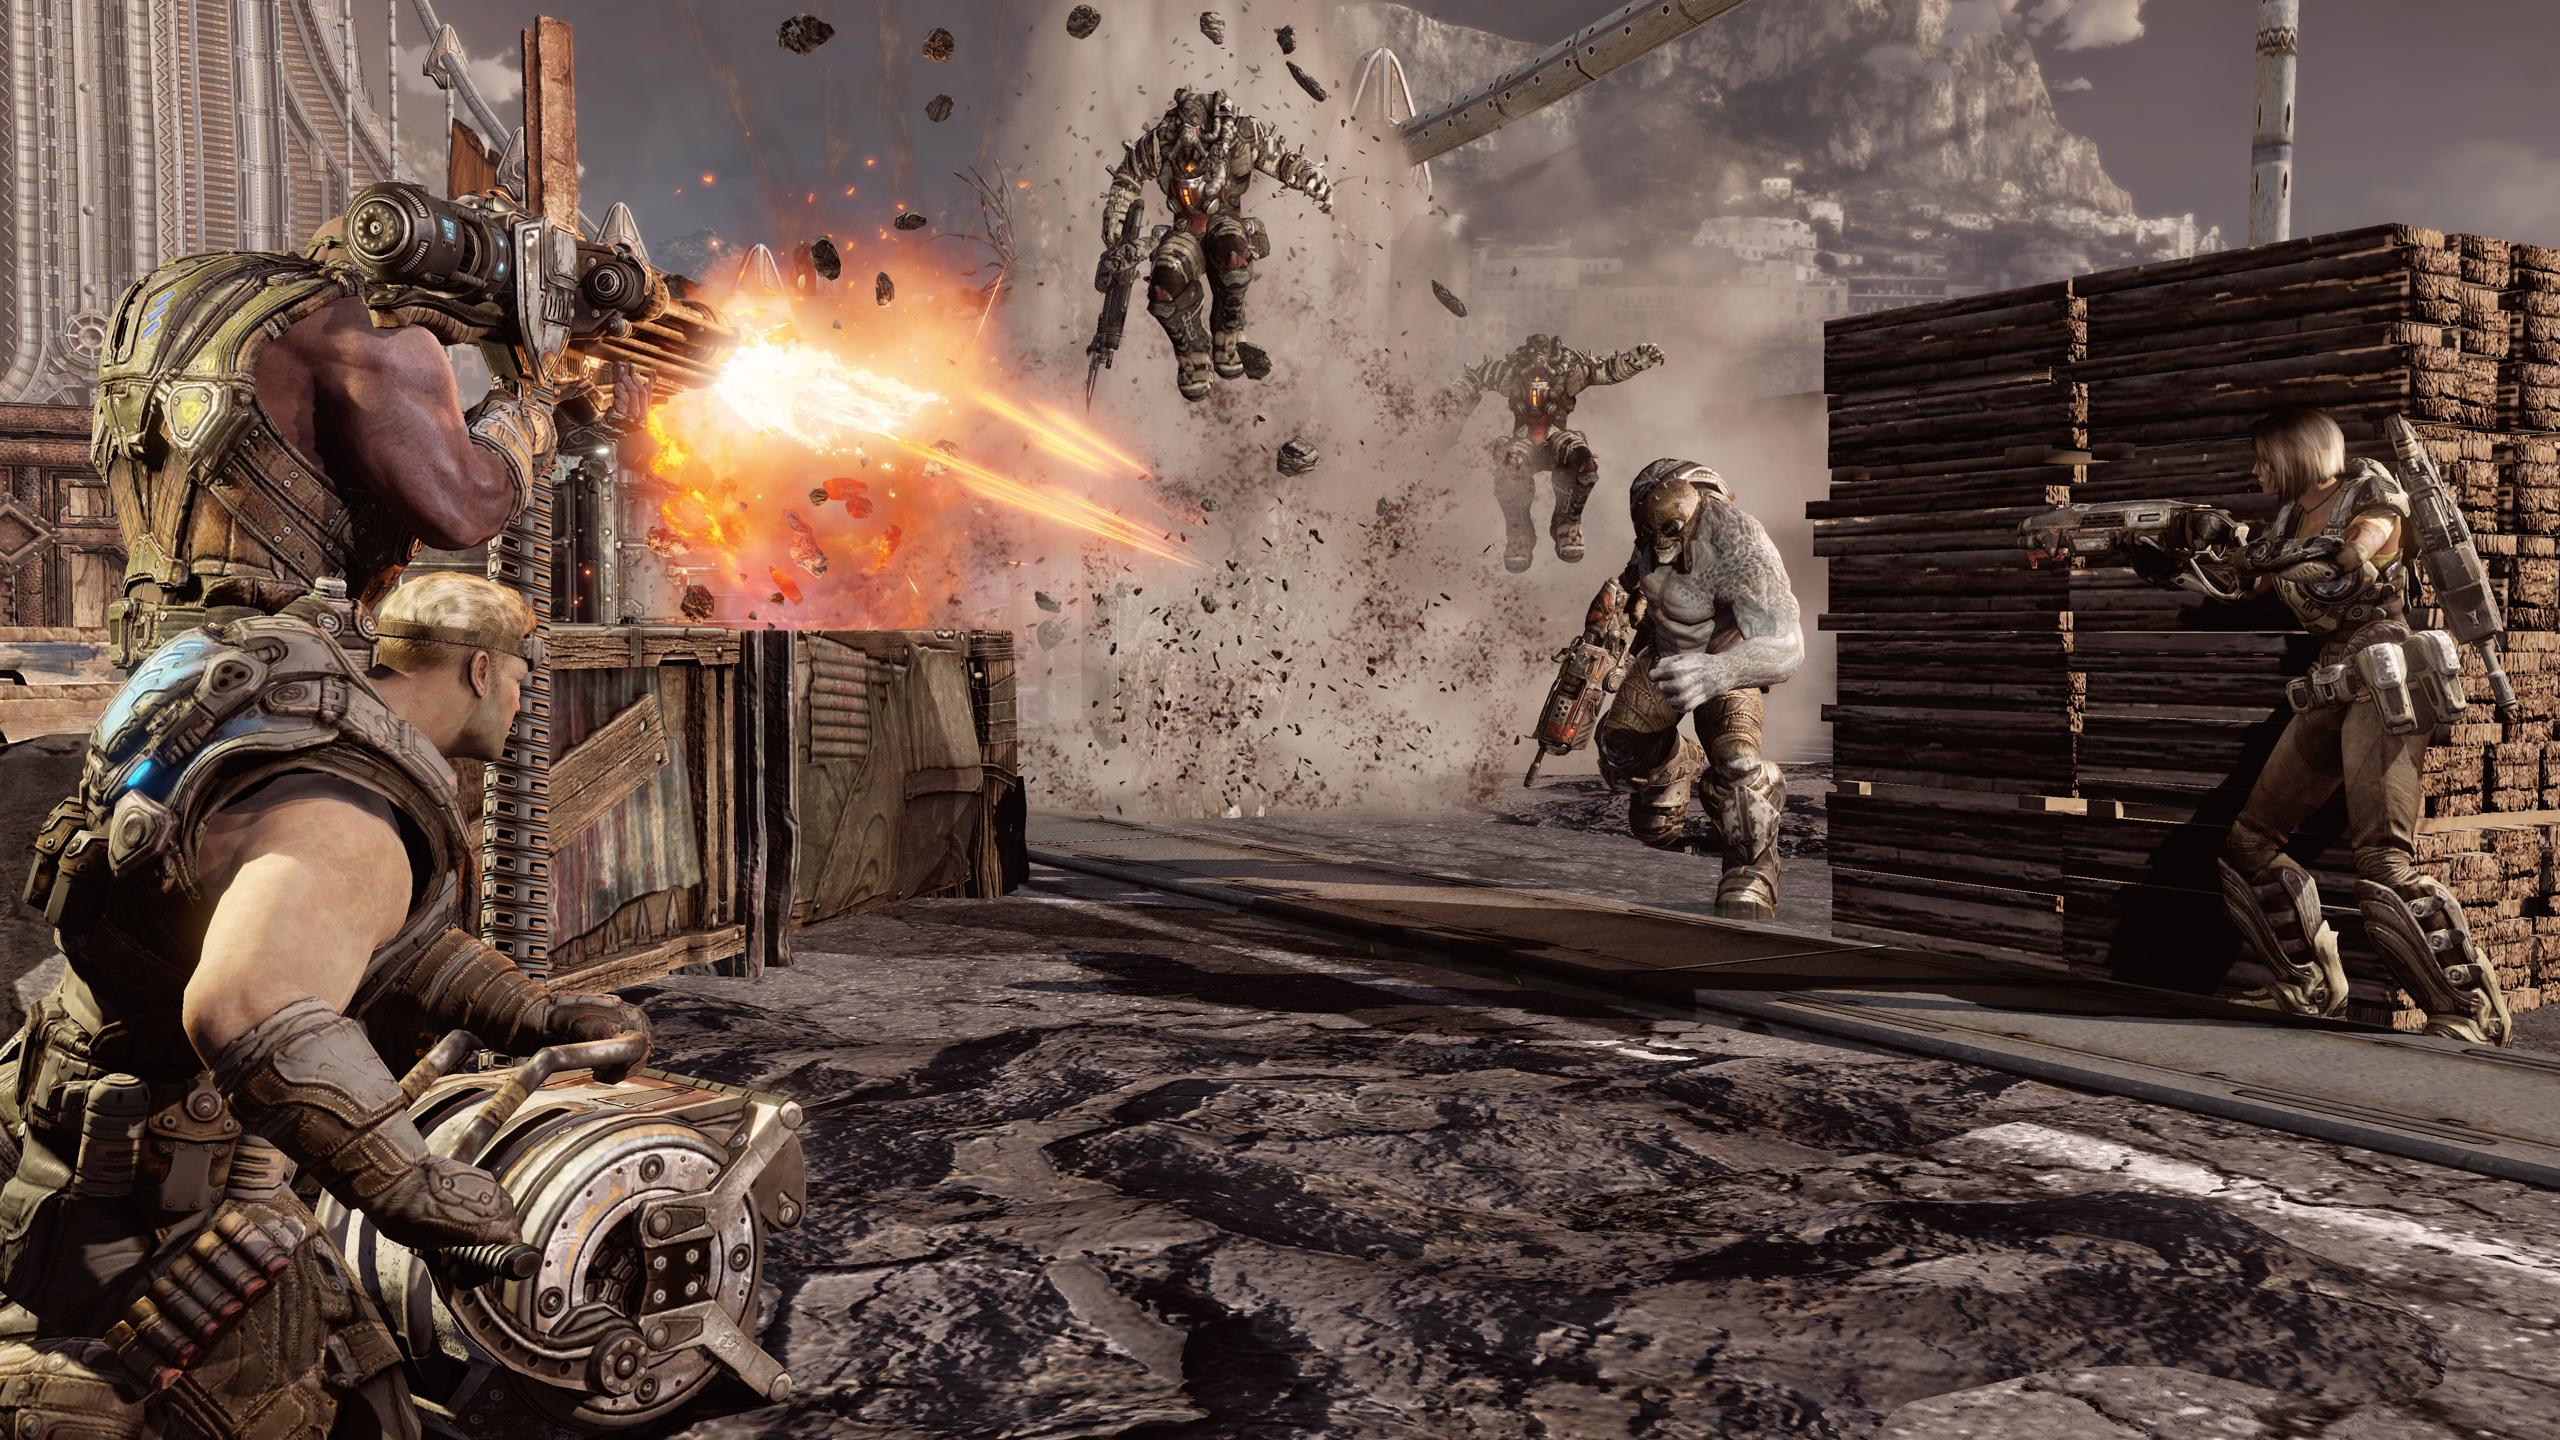 「Gears of War 3」はXbox 360の最高峰グラフィックスを提供する